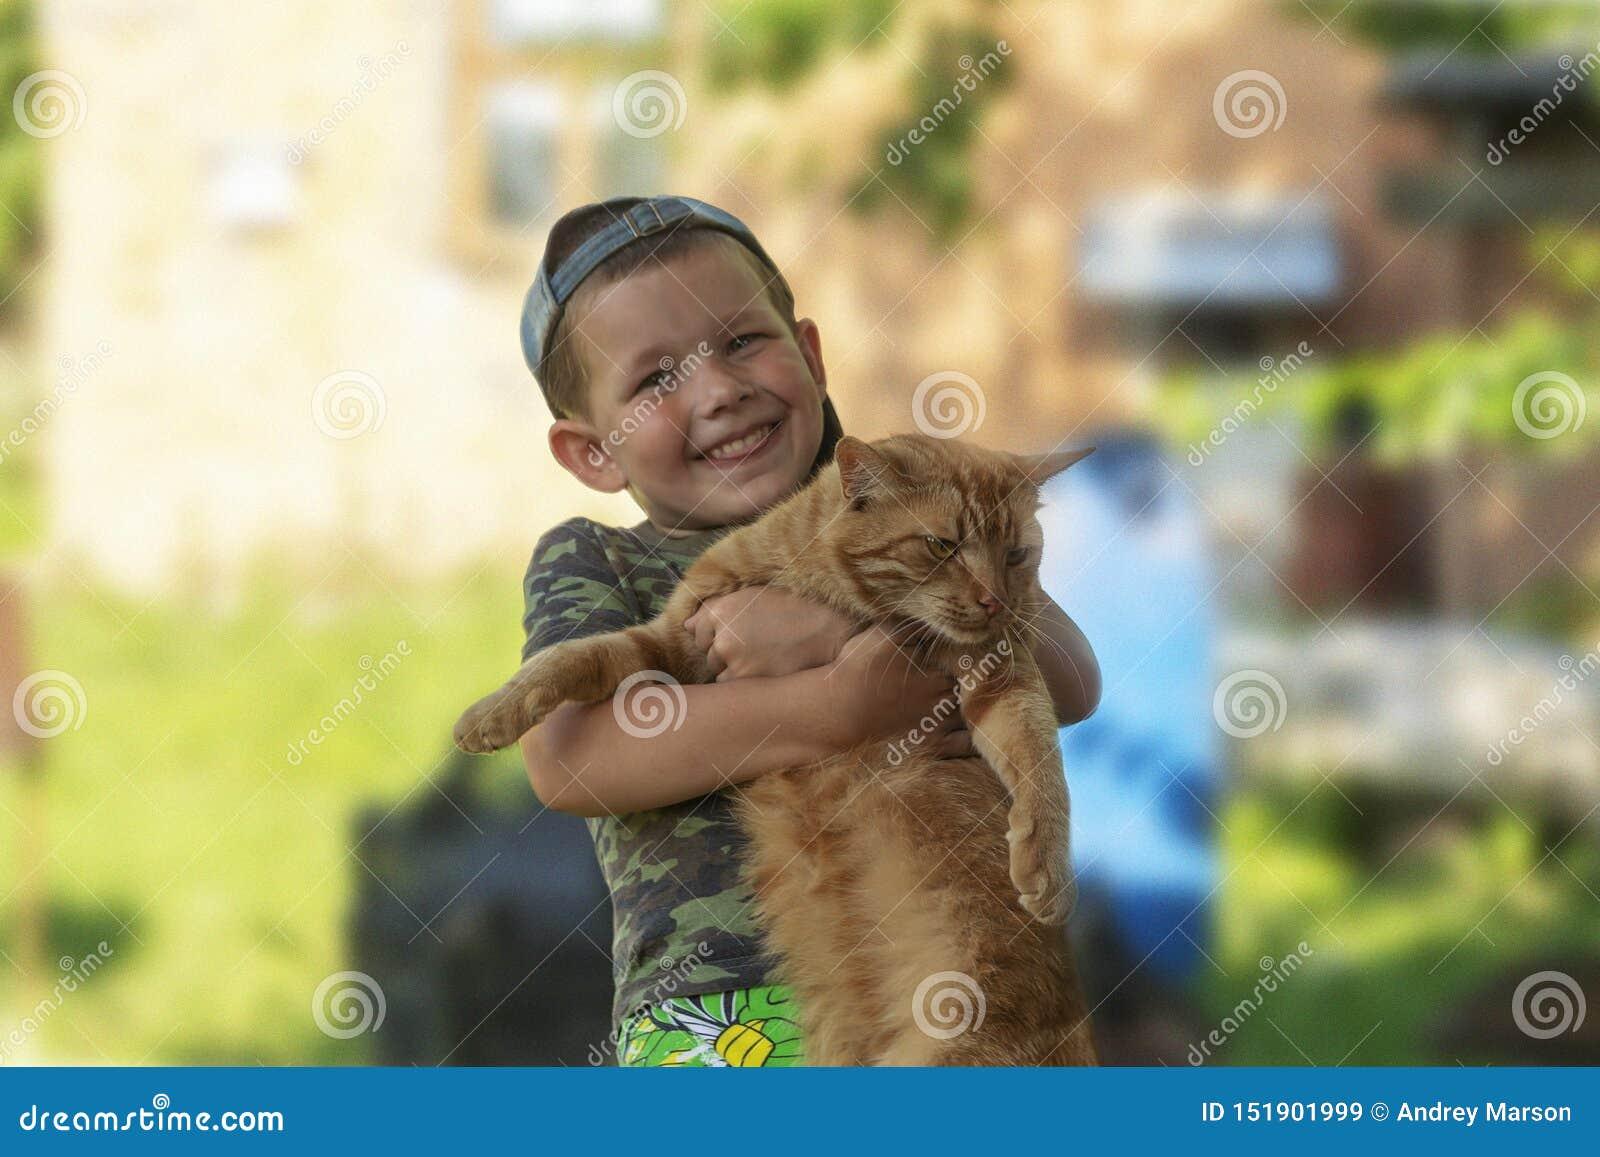 Ragazzo divertente che abbraccia un gatto con i lotti di amore Ritratto del bambino che tiene sulle mani un grande gatto Giocando